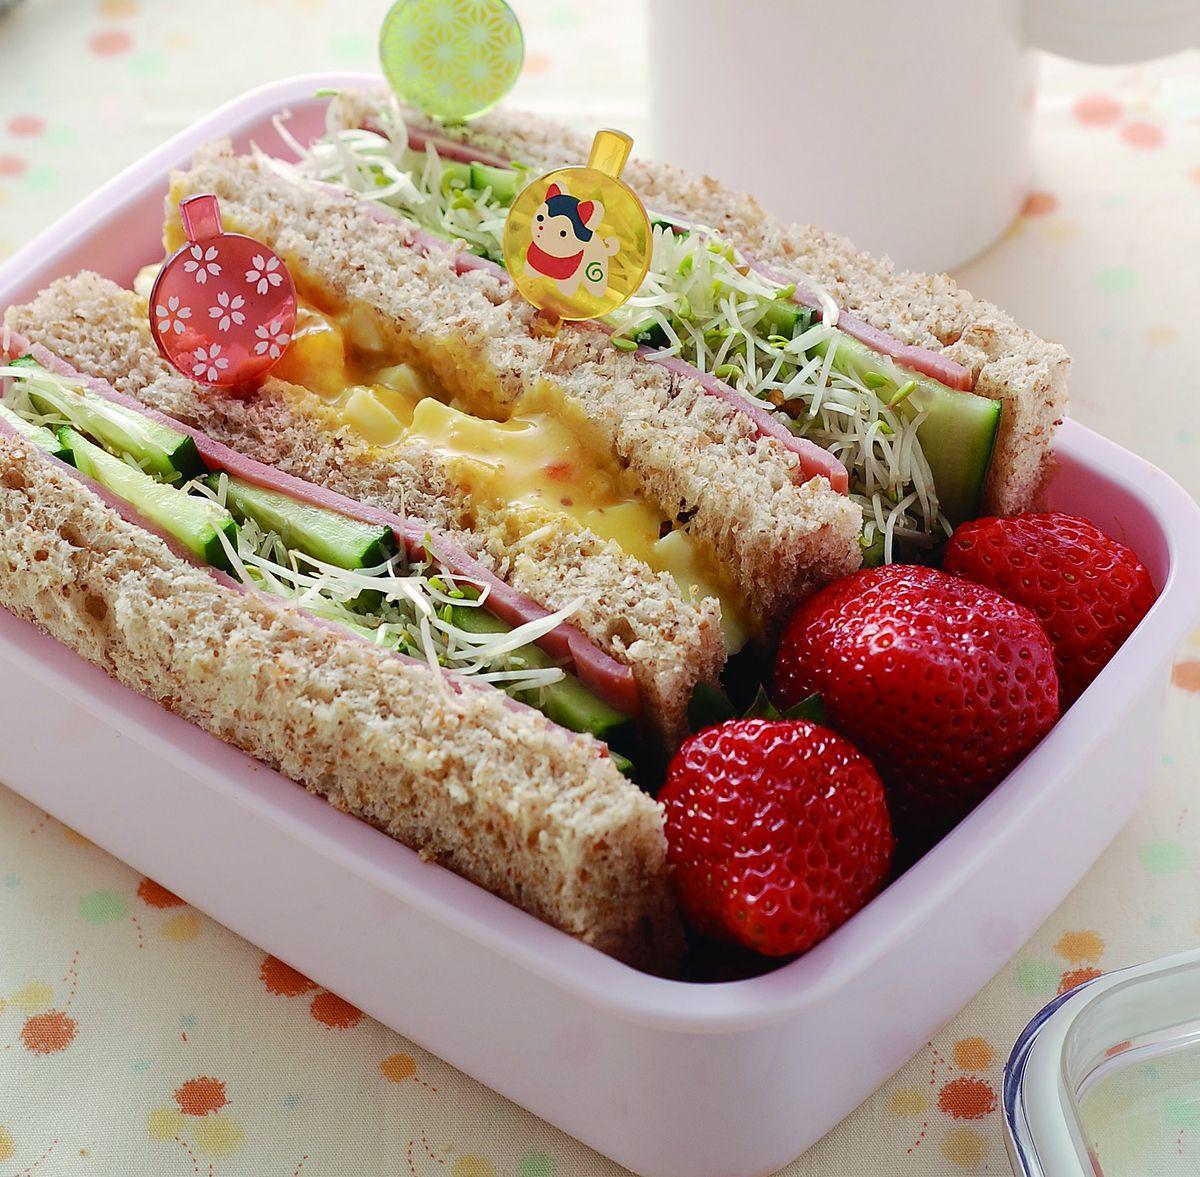 食譜:火腿蔬菜全麥三明治